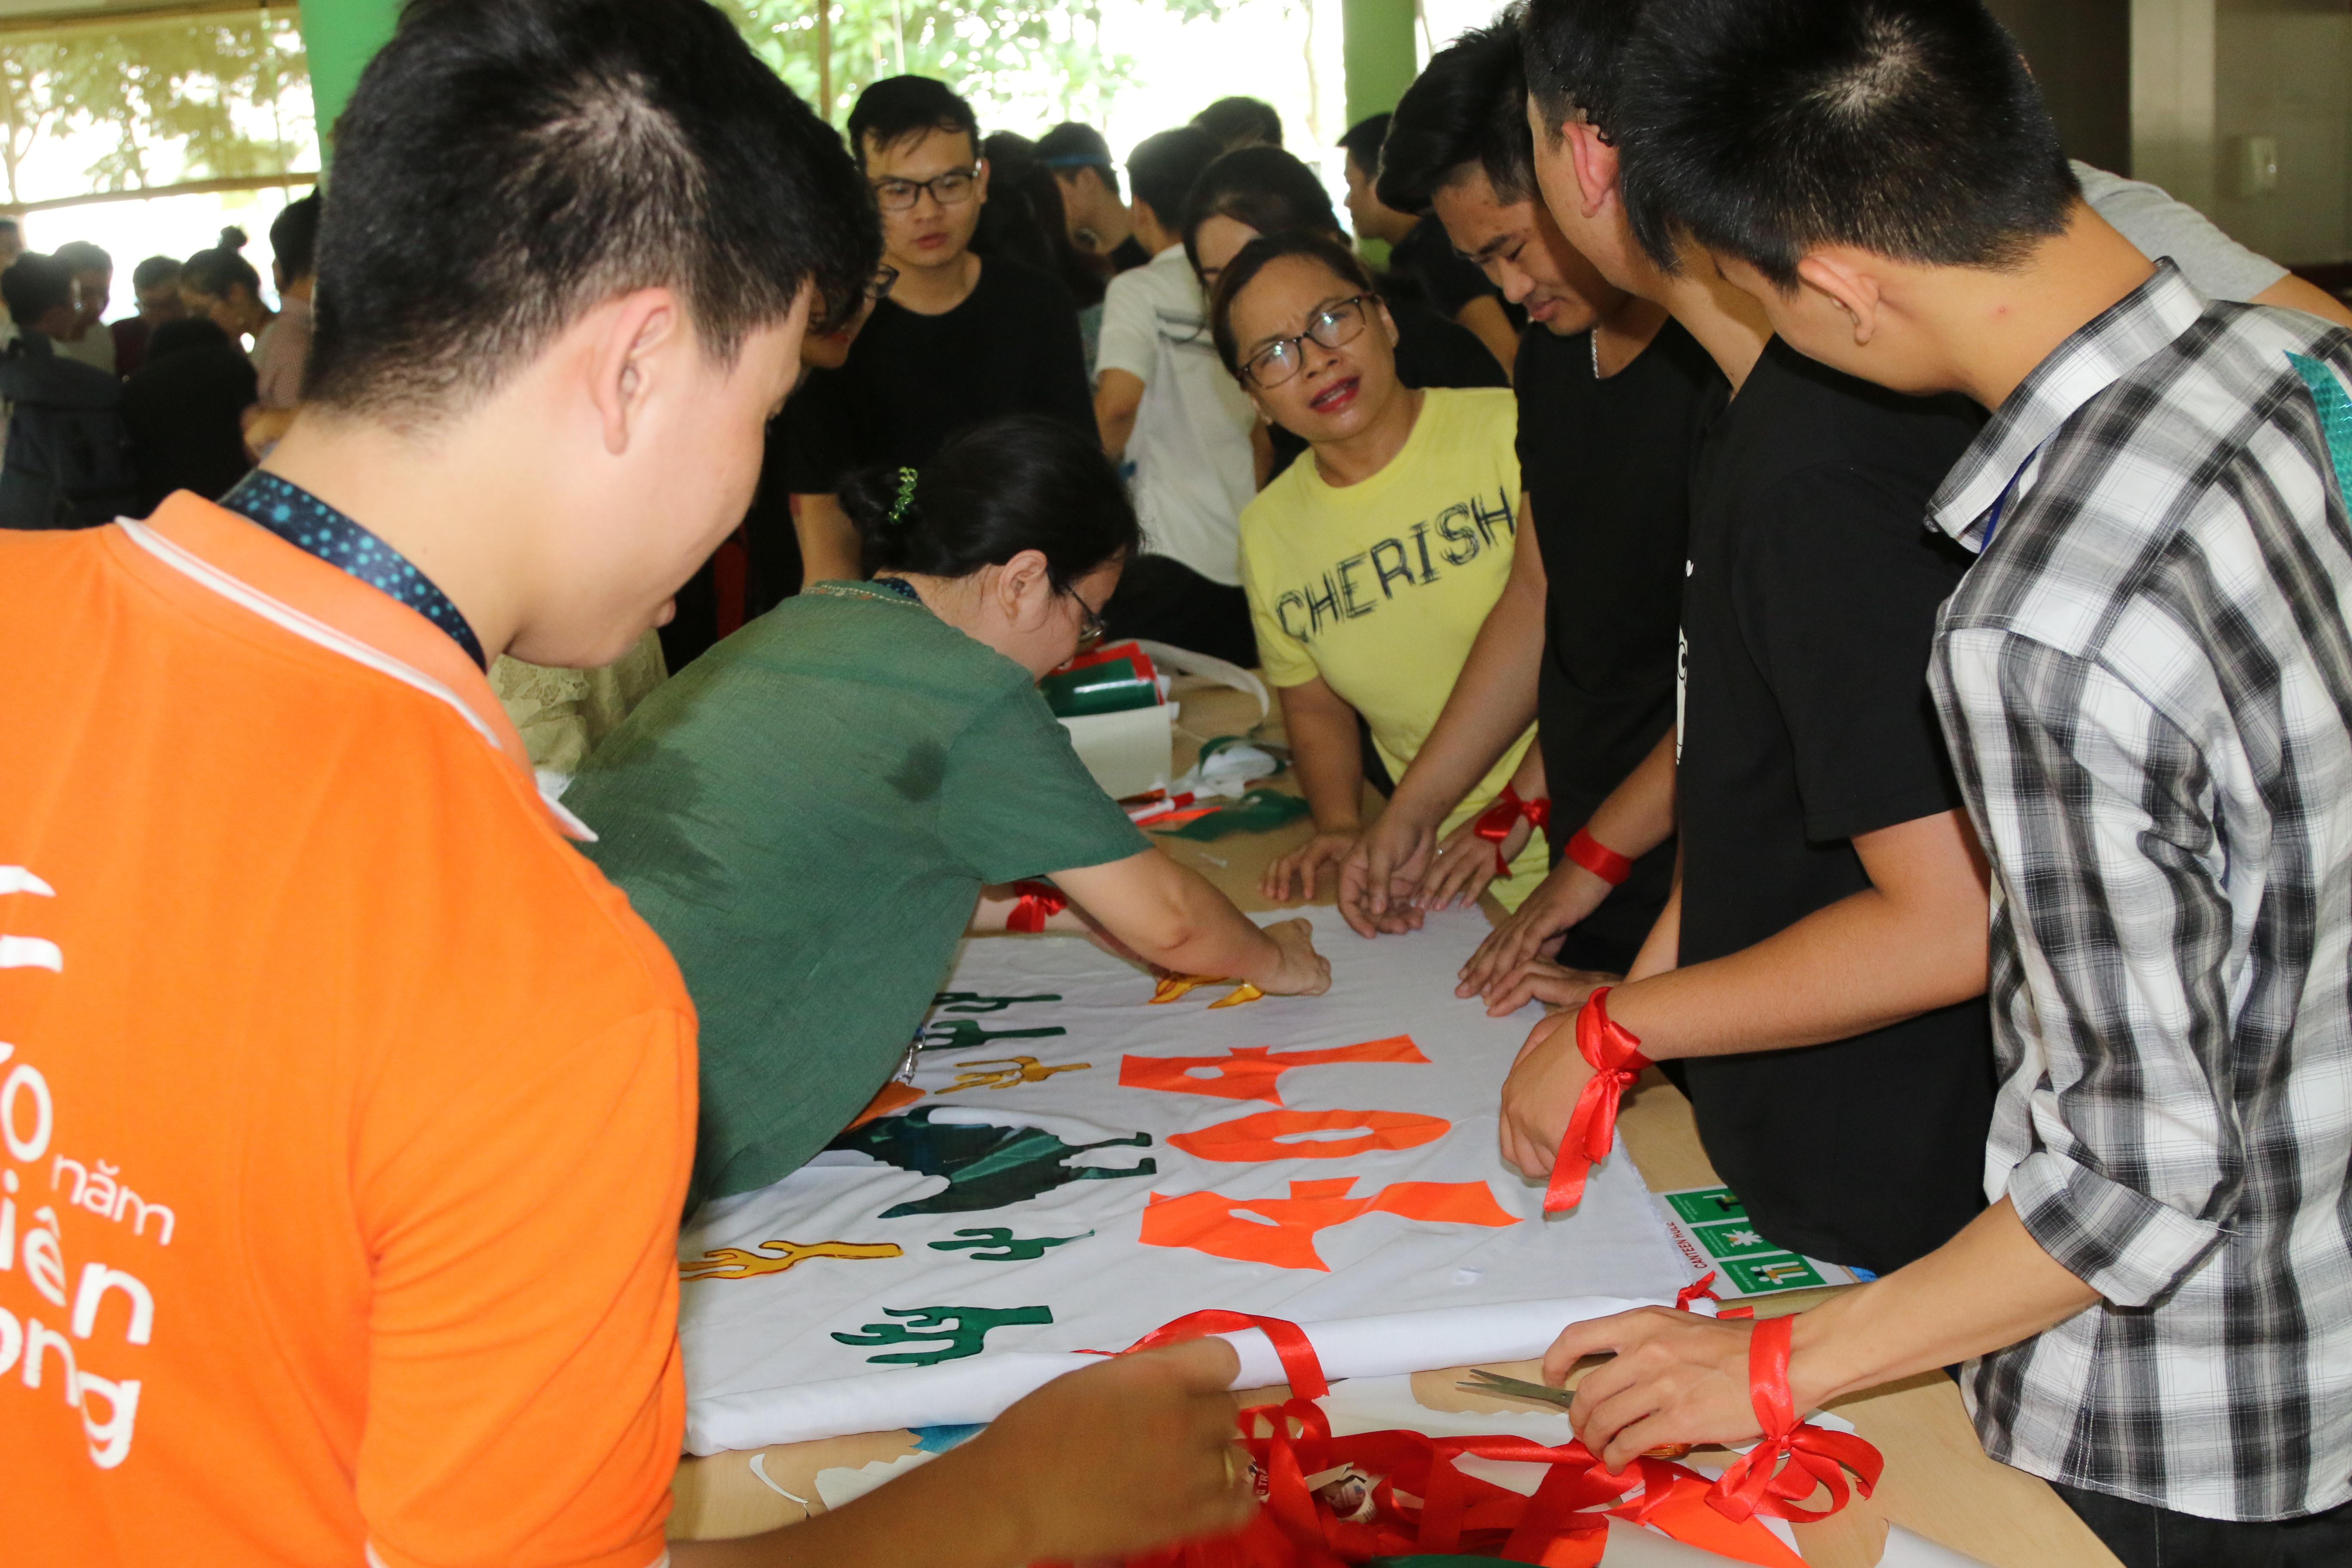 Ban tổ chức chuẩn bị sẵn các dụng cụ cần thiết và yêu cầu mỗi đội tự chuẩn bị một lá cờ cho suốt quá trình hoạt động của mình.